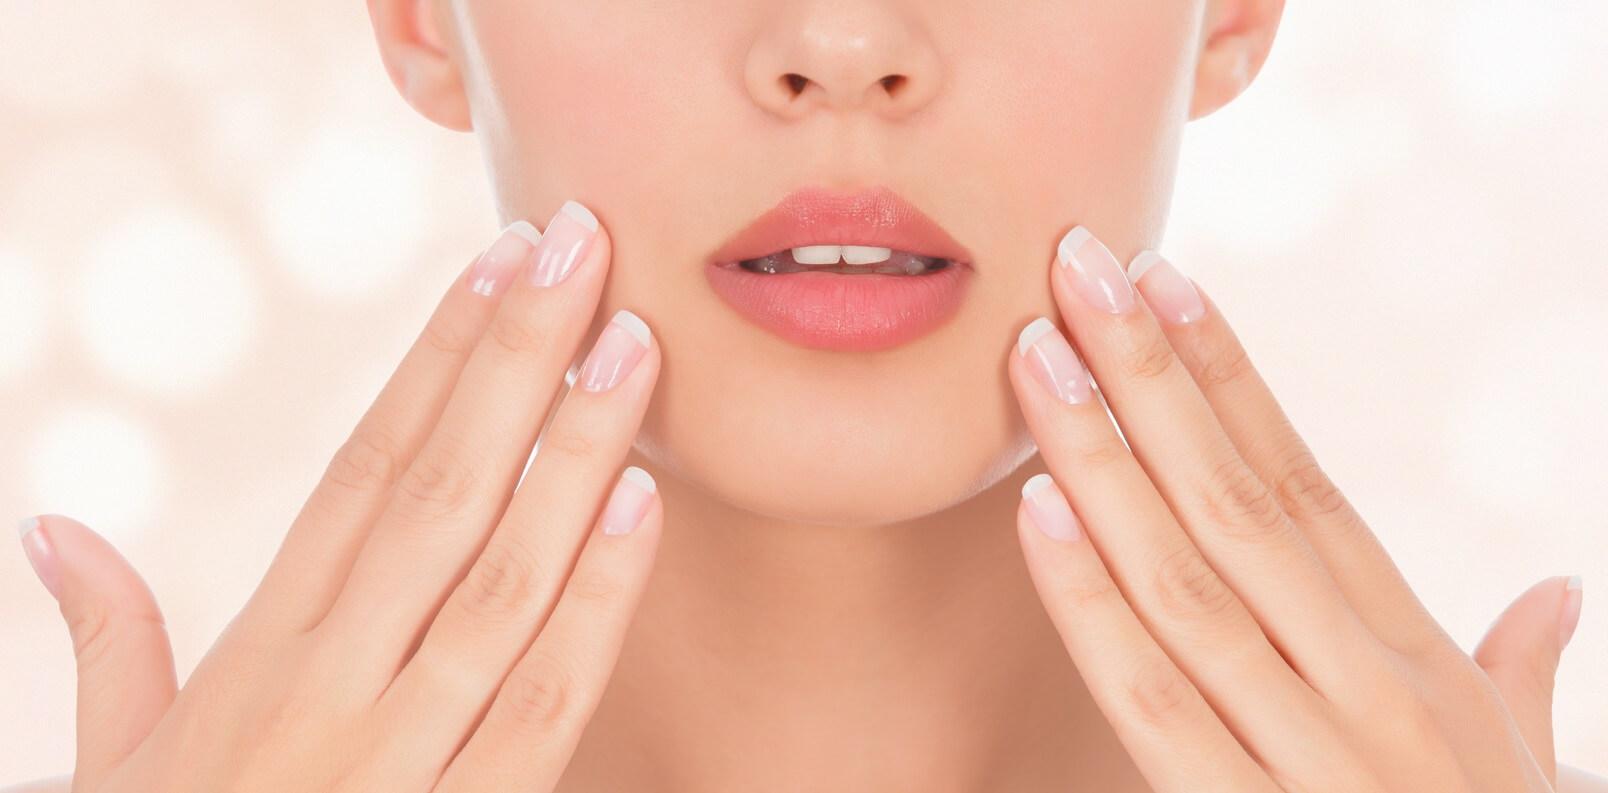 Как избавиться от носогубных морщин: домашние и салонные процедуры